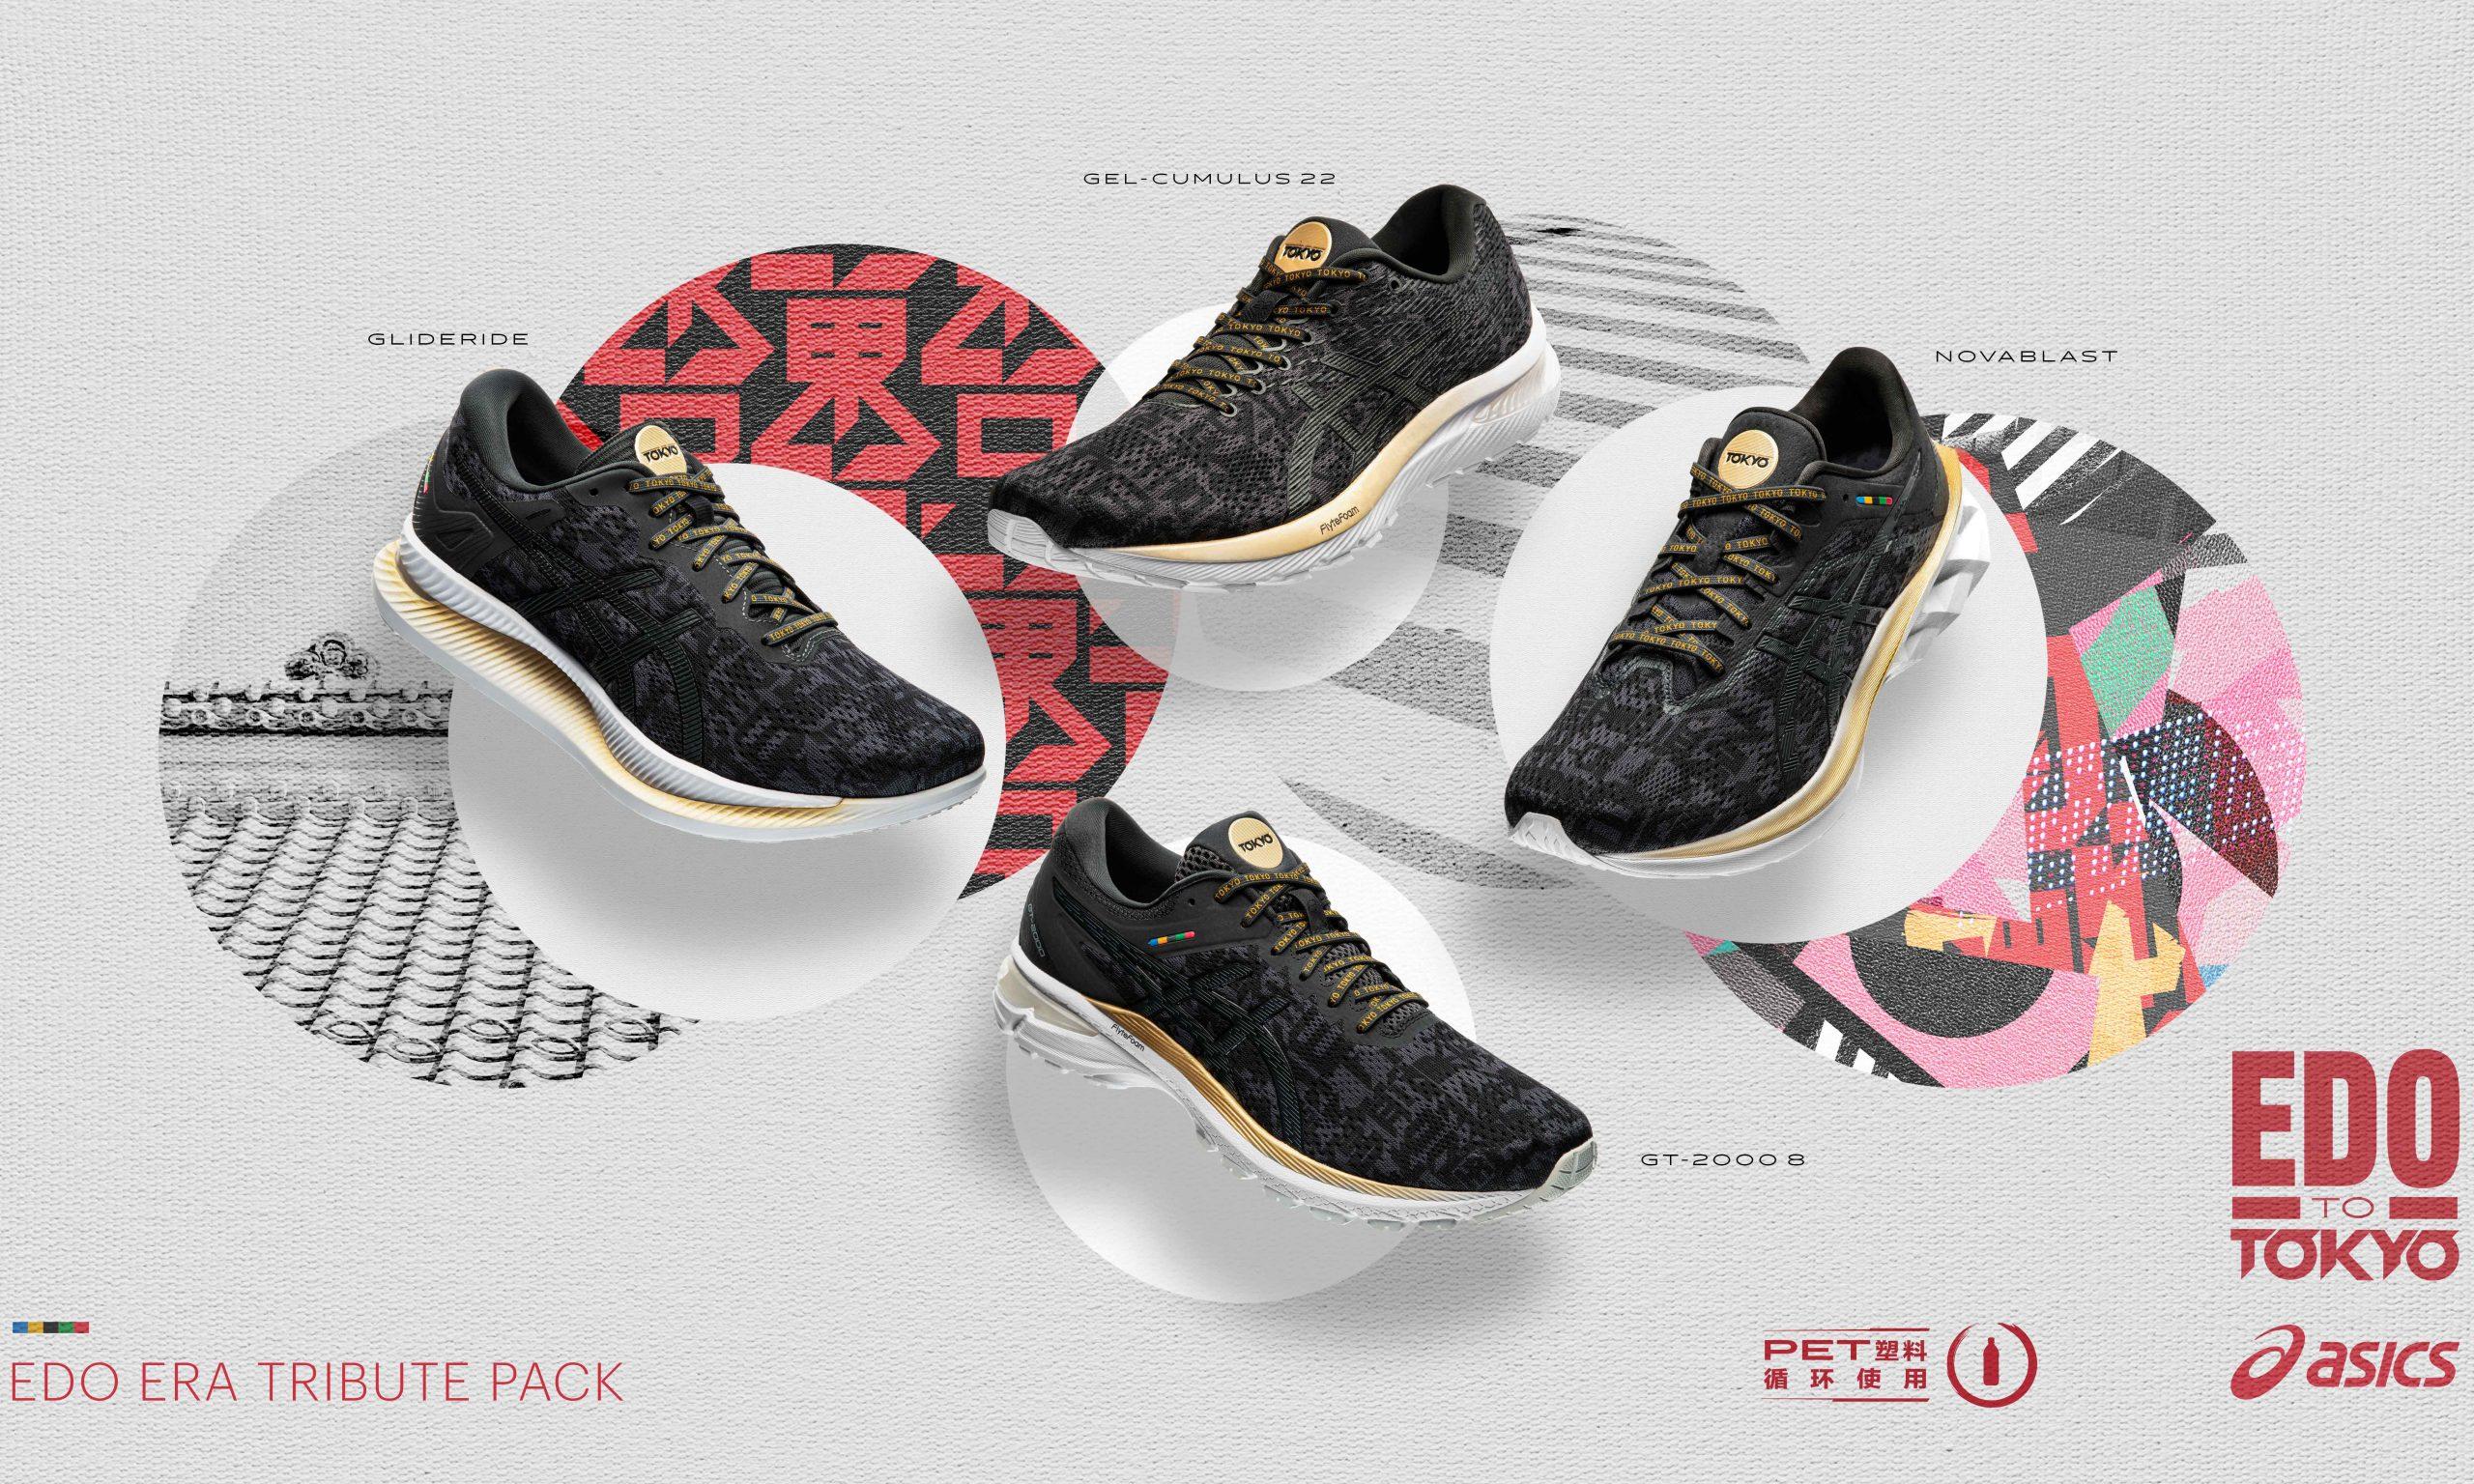 致意江户风尚,ASICS 融合再生材料重塑经典鞋履